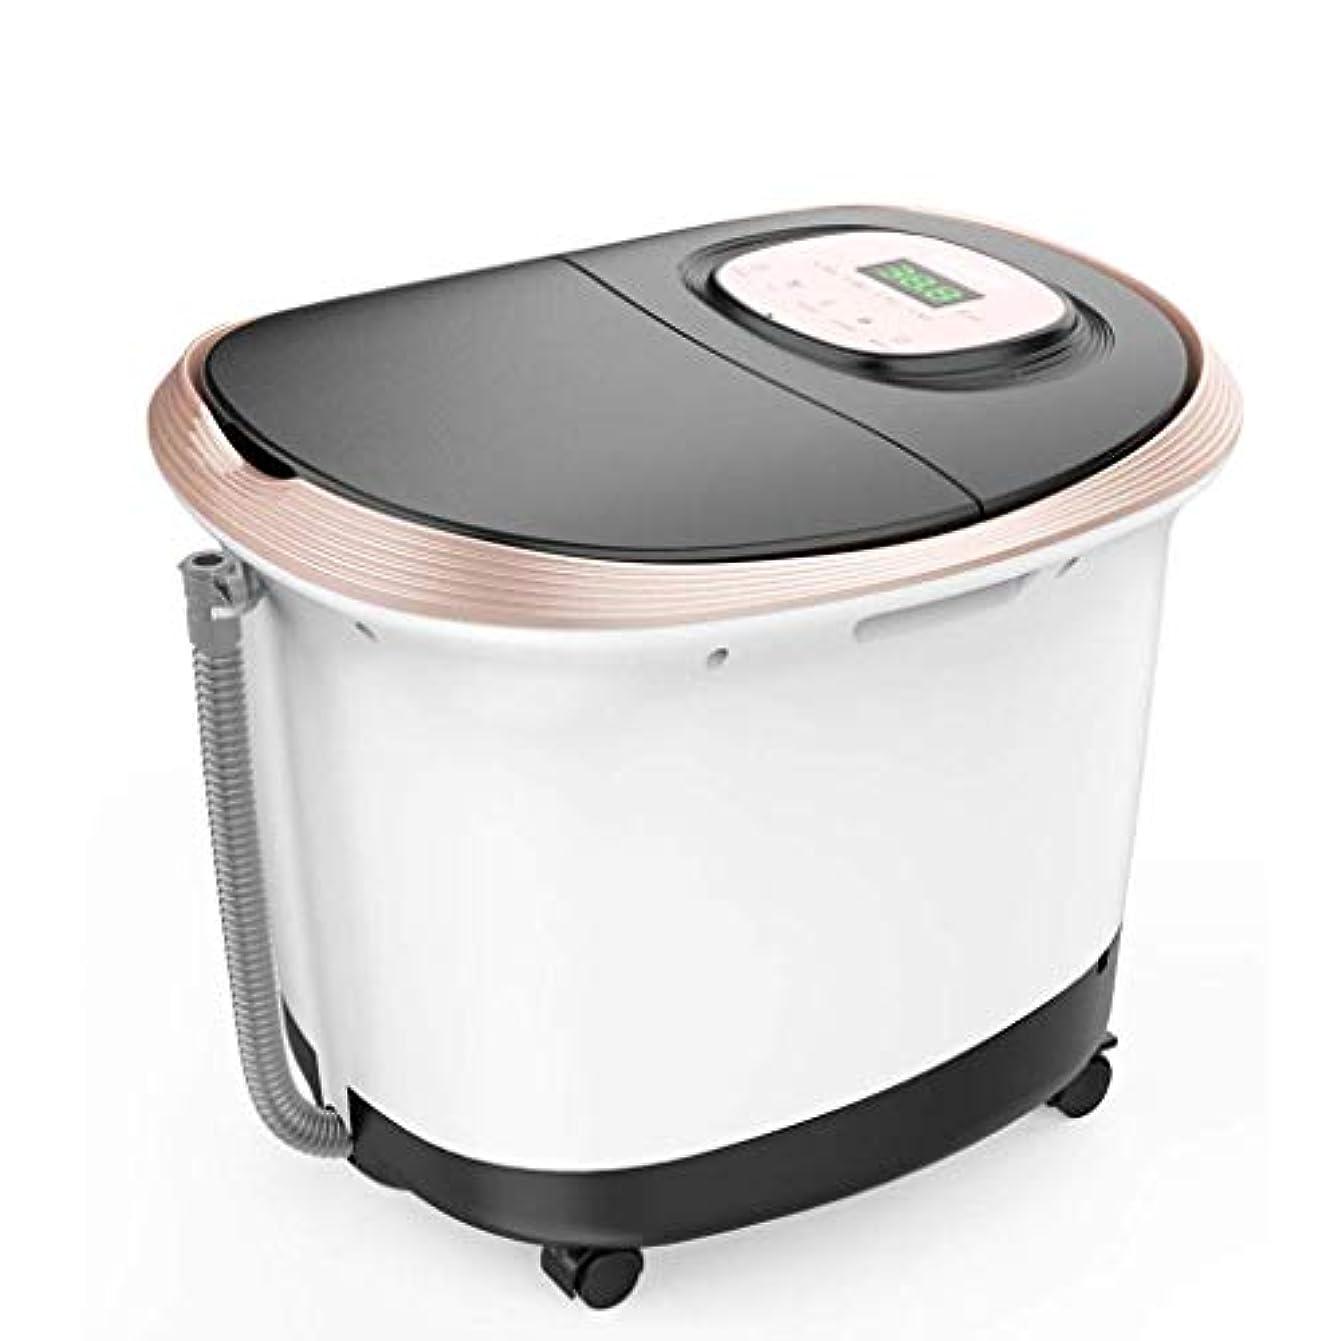 知性まっすぐマルクス主義Zyp2019 健康足浴槽自動電気マッサージ暖房家ディープフットバスフットバス